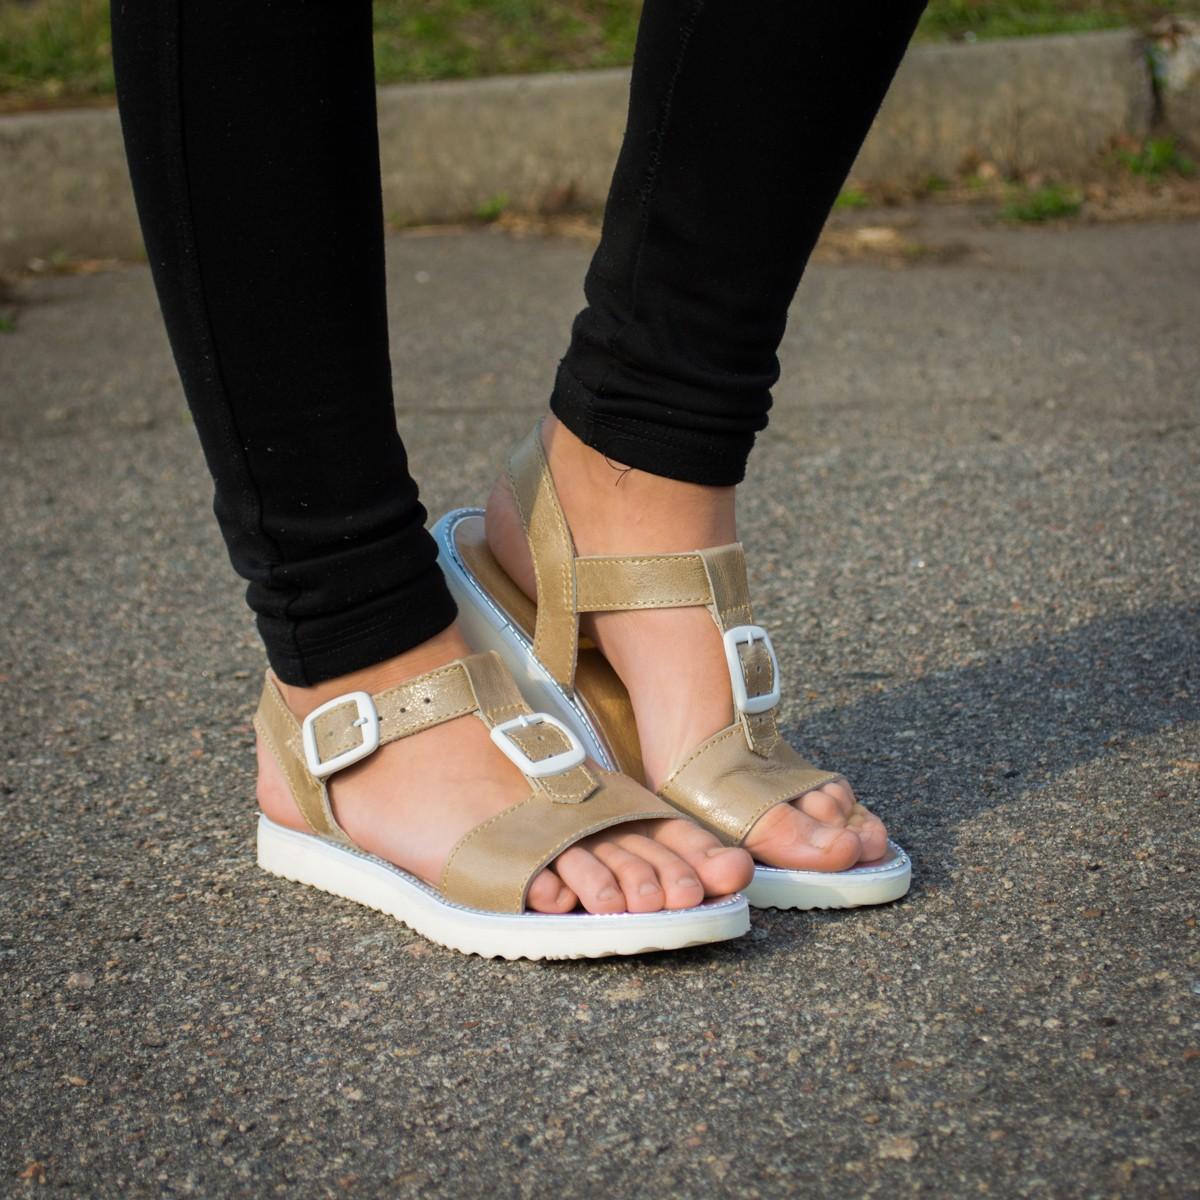 Женские сандалии босоножки кожаные на пряжках бежевые без каблука winner boots натуральная кожа Украина Возврат Недорого